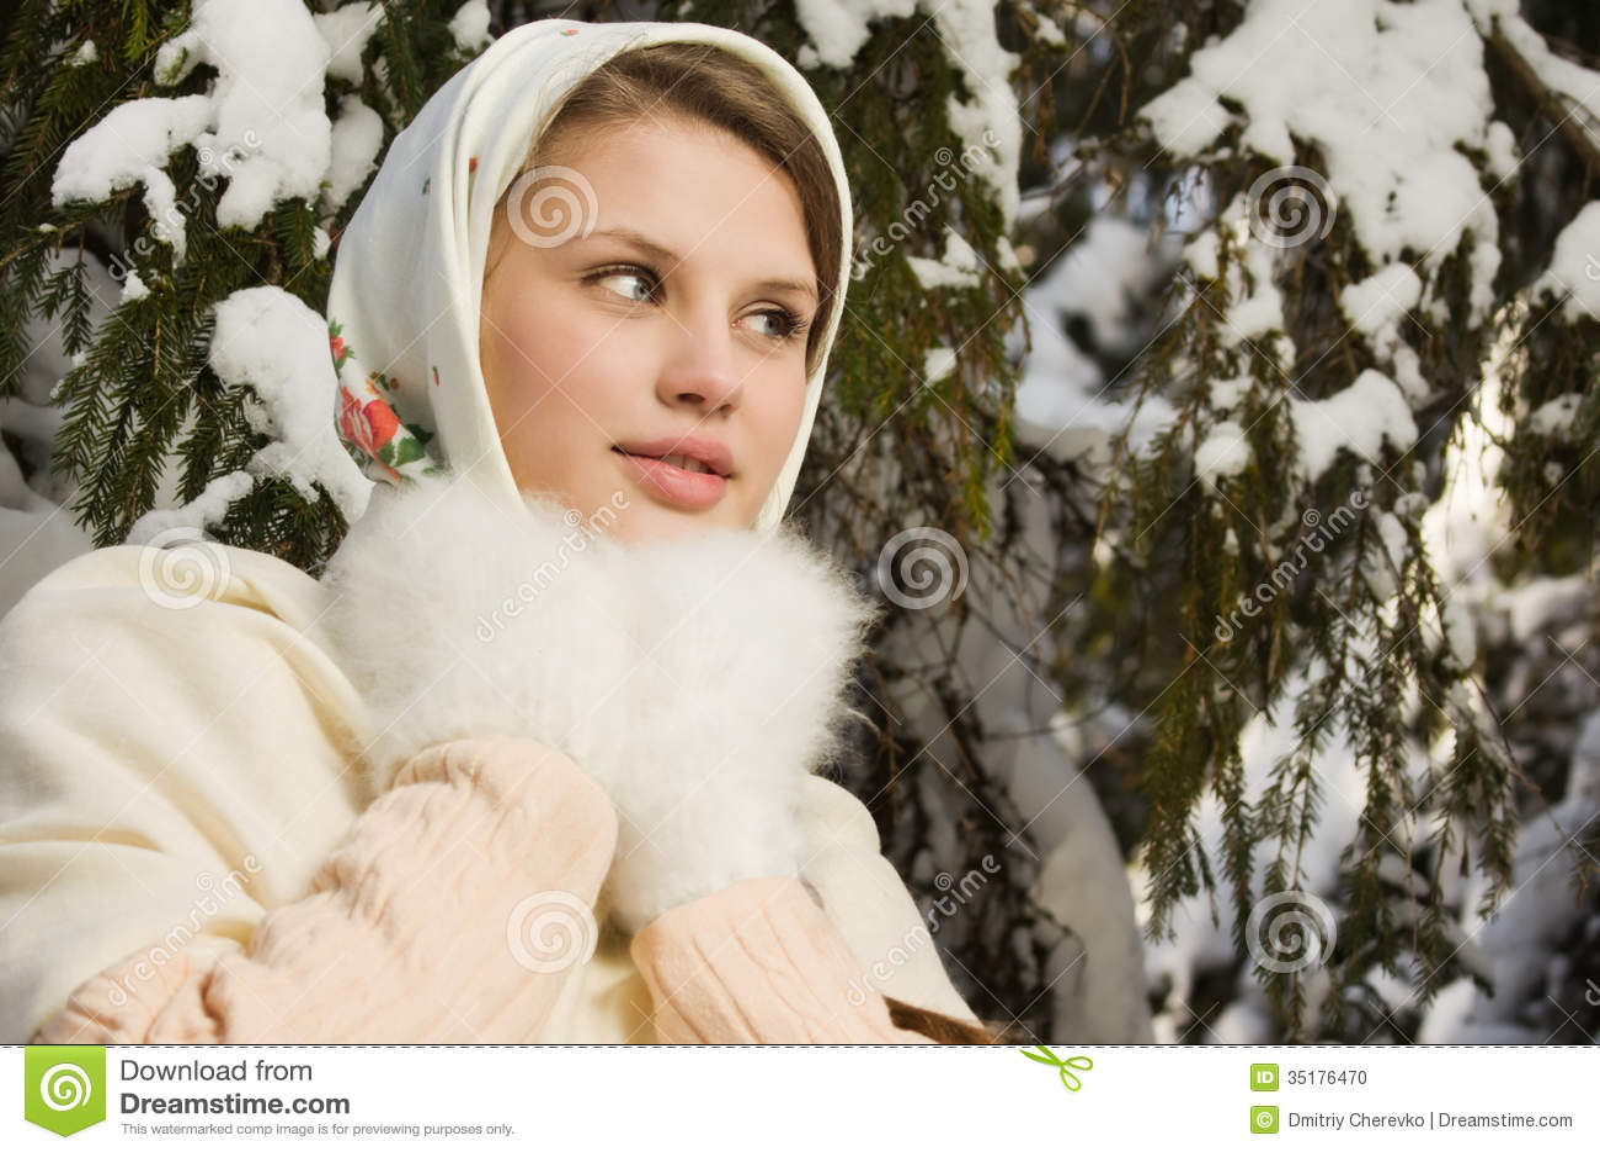 Смотреть русских красивых девушек картинки 28 фотография